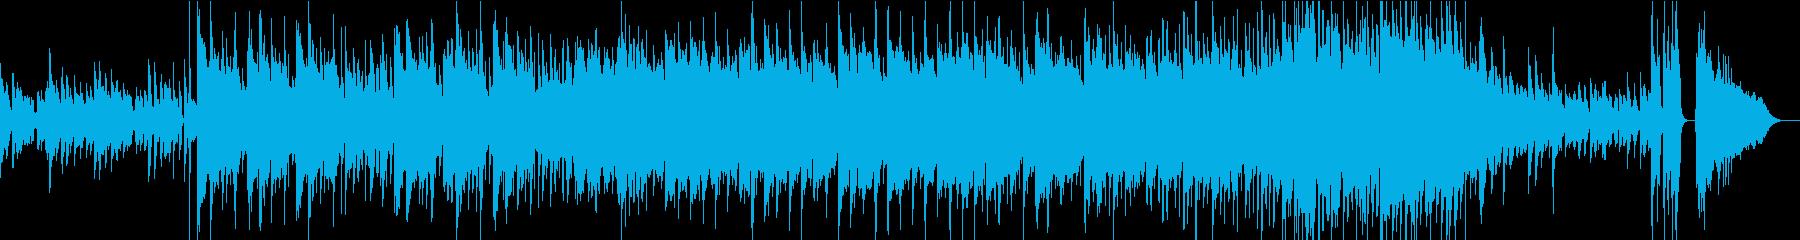 ストーリ性が印象的なインストの再生済みの波形